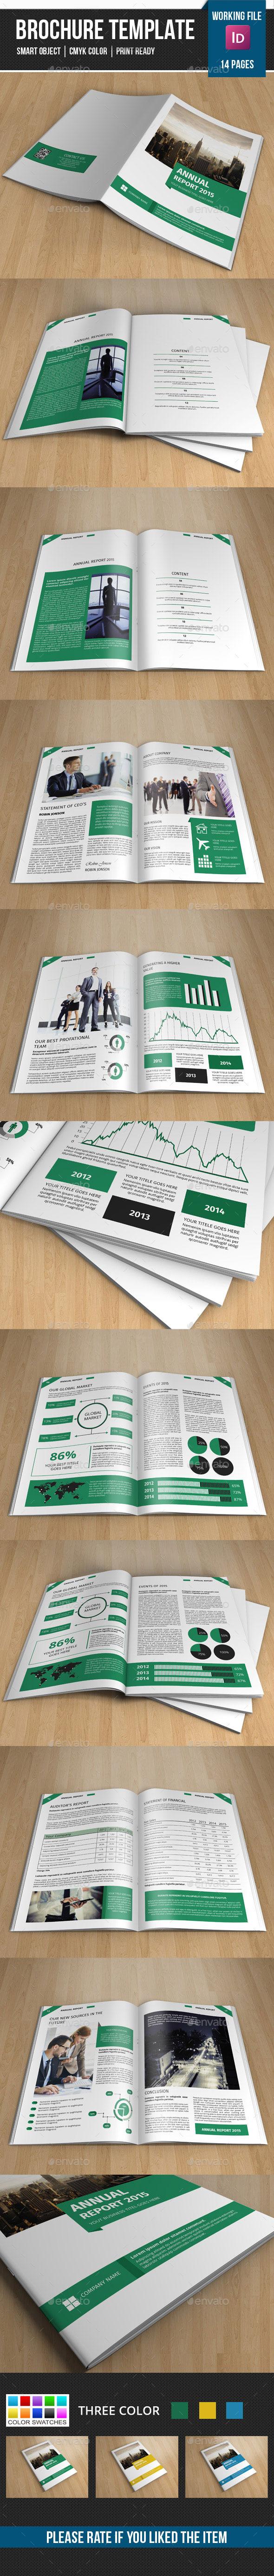 GraphicRiver Annual Report Brochure-V233 11003943